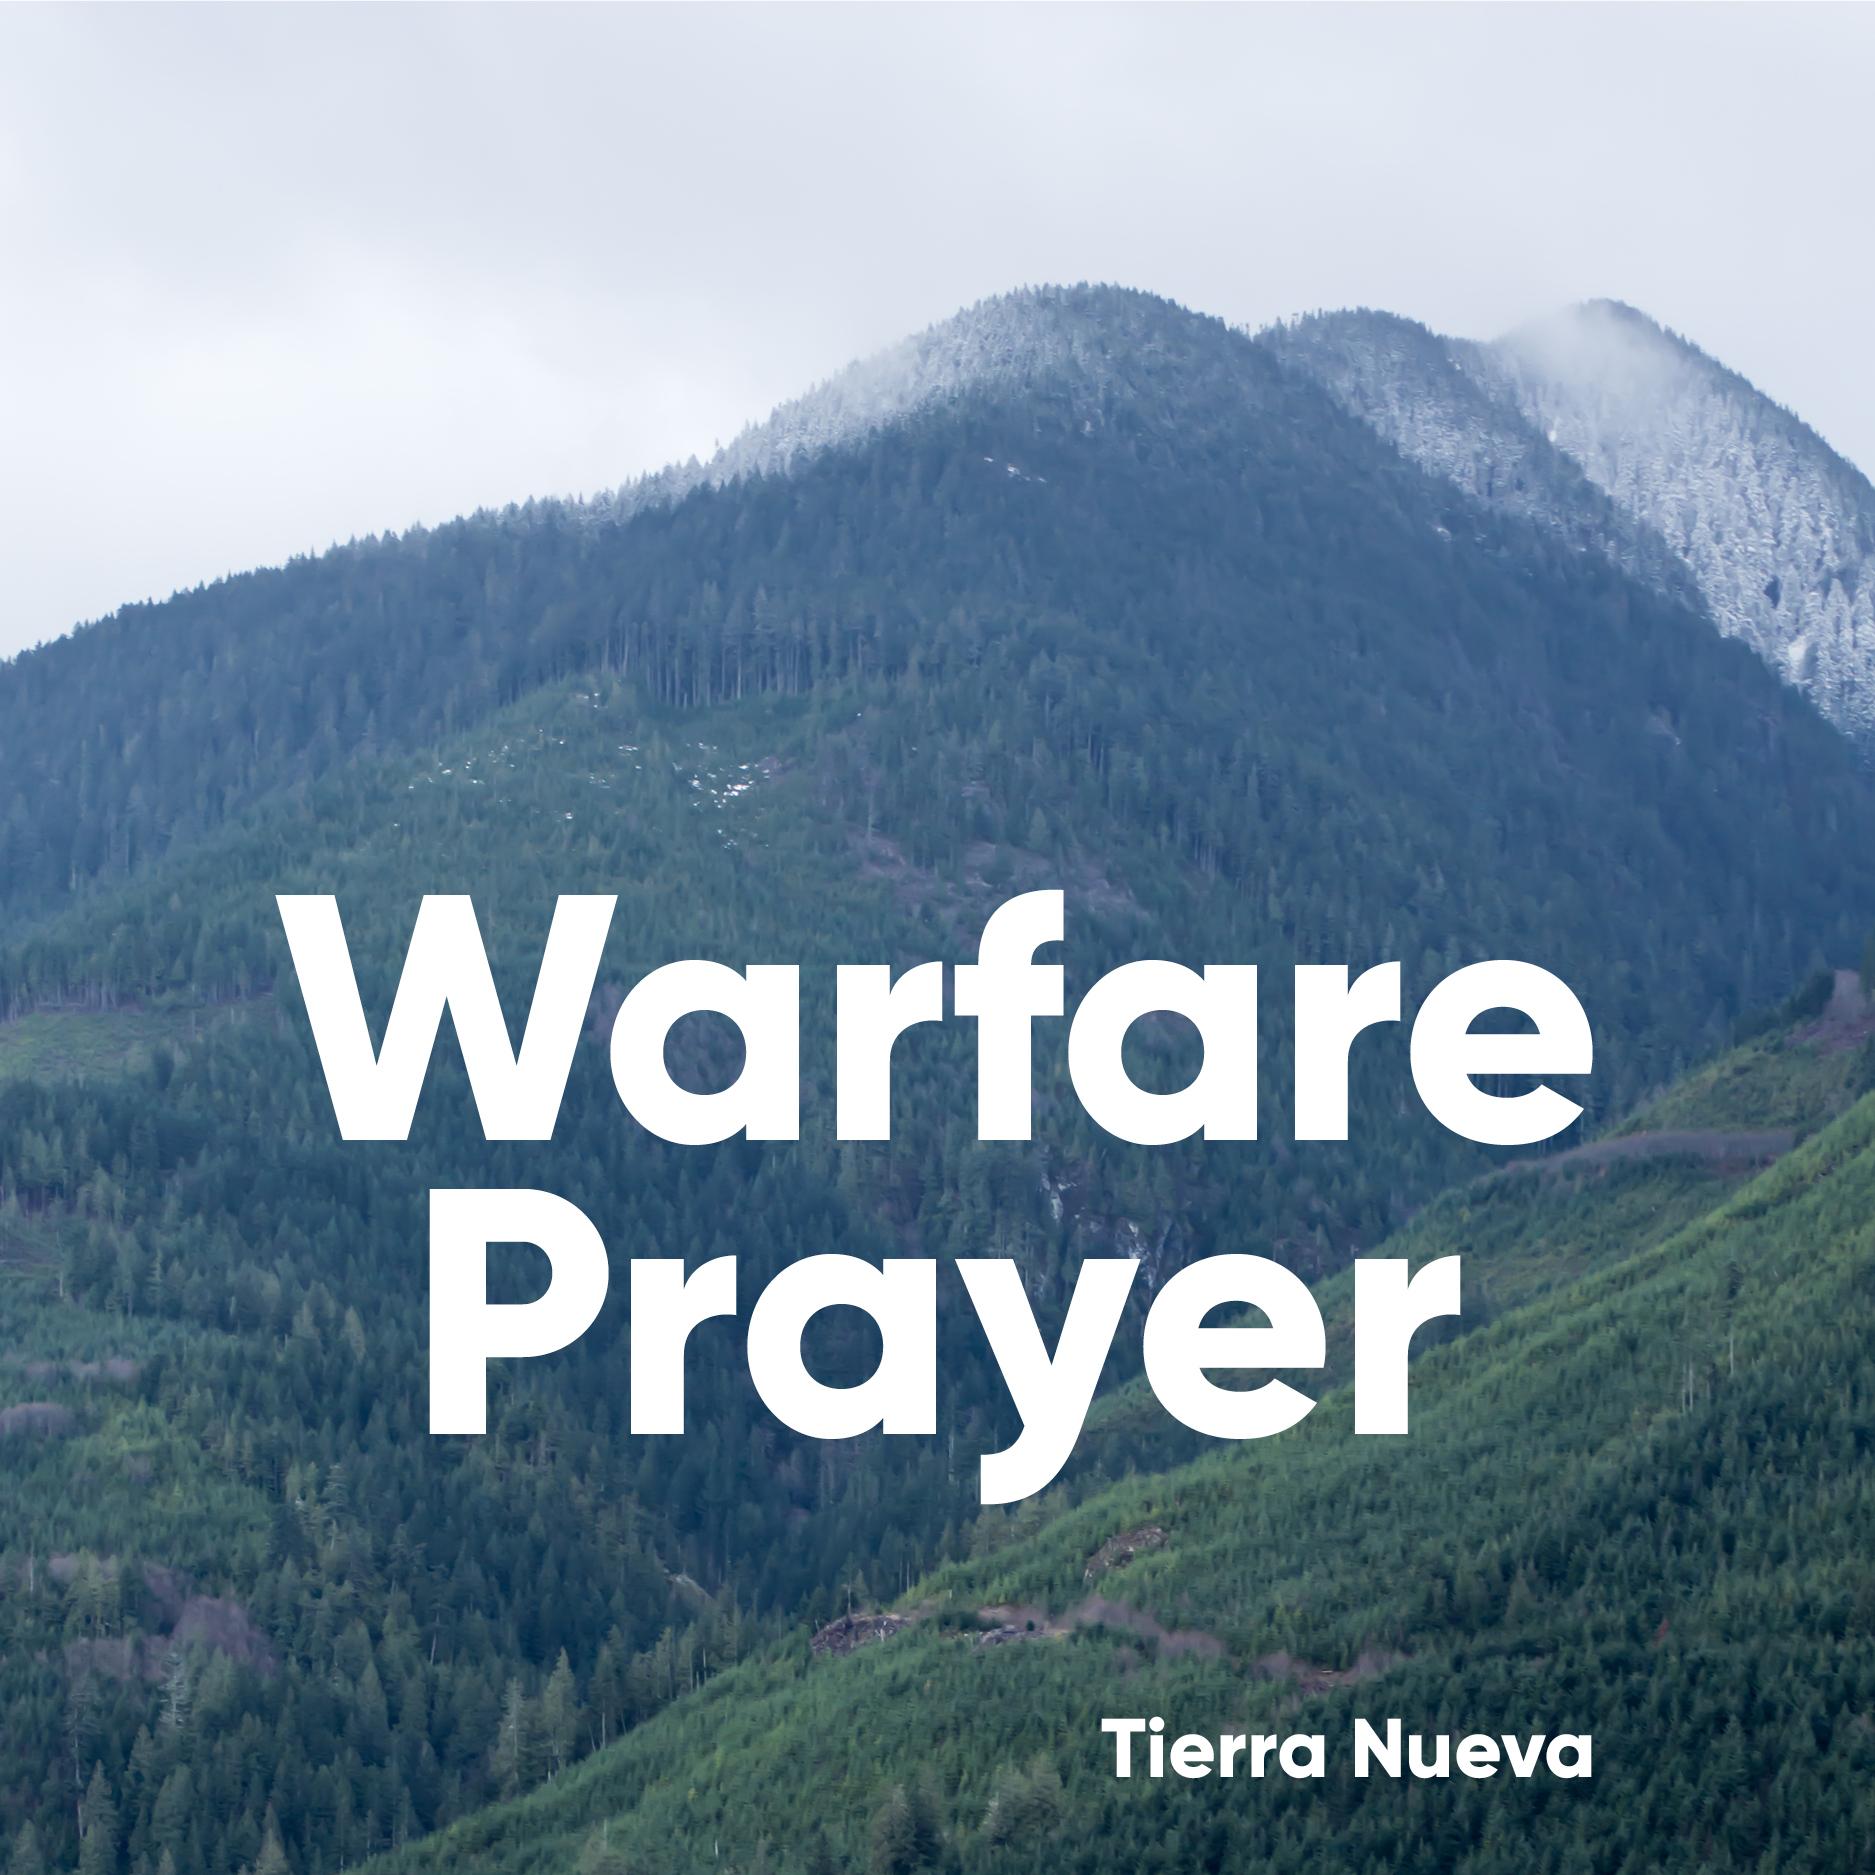 Warfare Prayer — Tierra Nueva